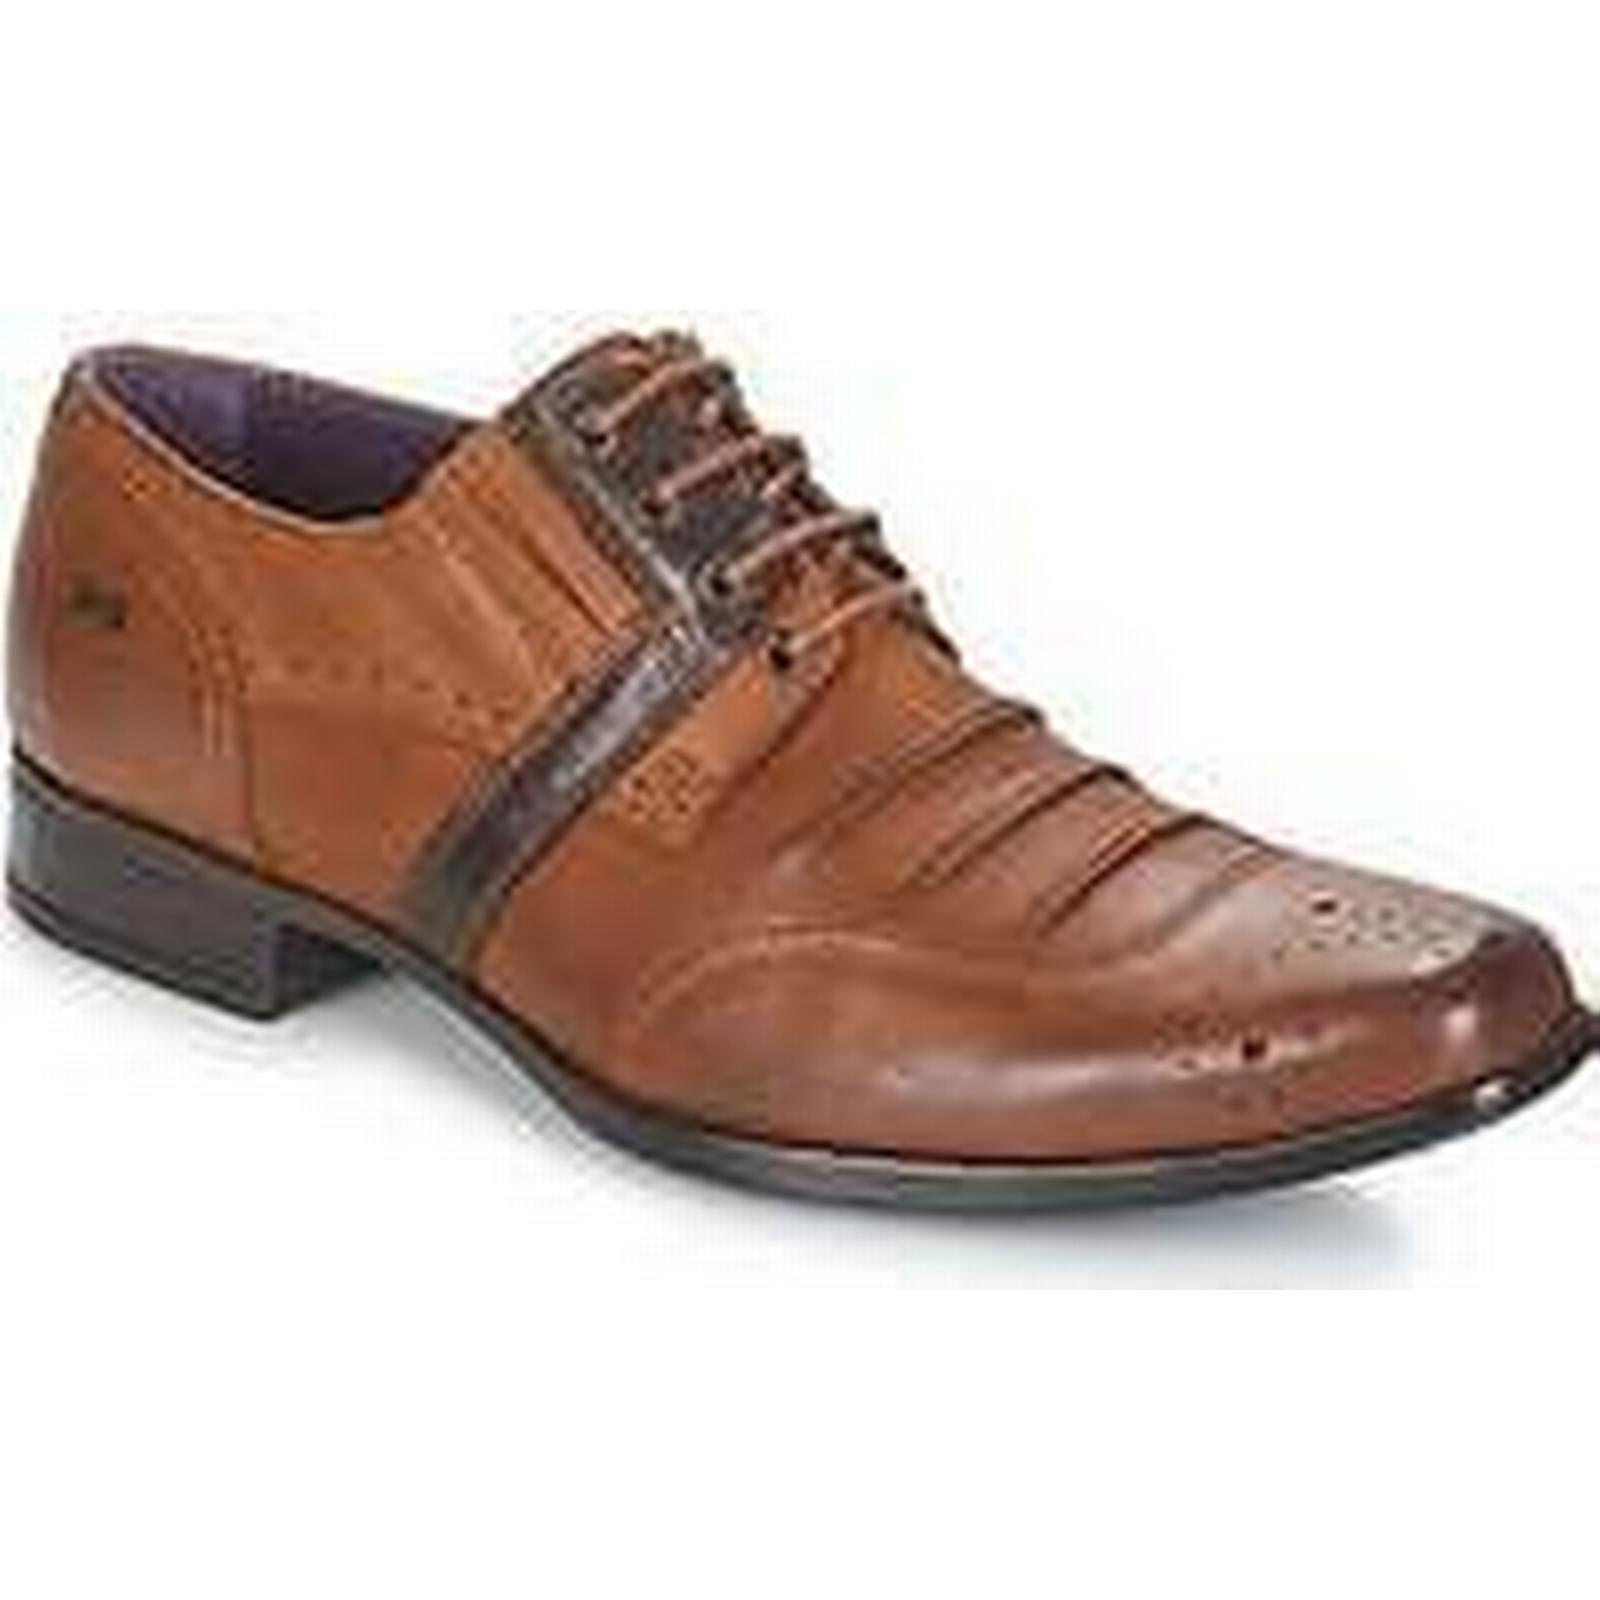 Spartoo.co.uk BKR JAPI men's in Casual Shoes in men's Brown 8f4ec1